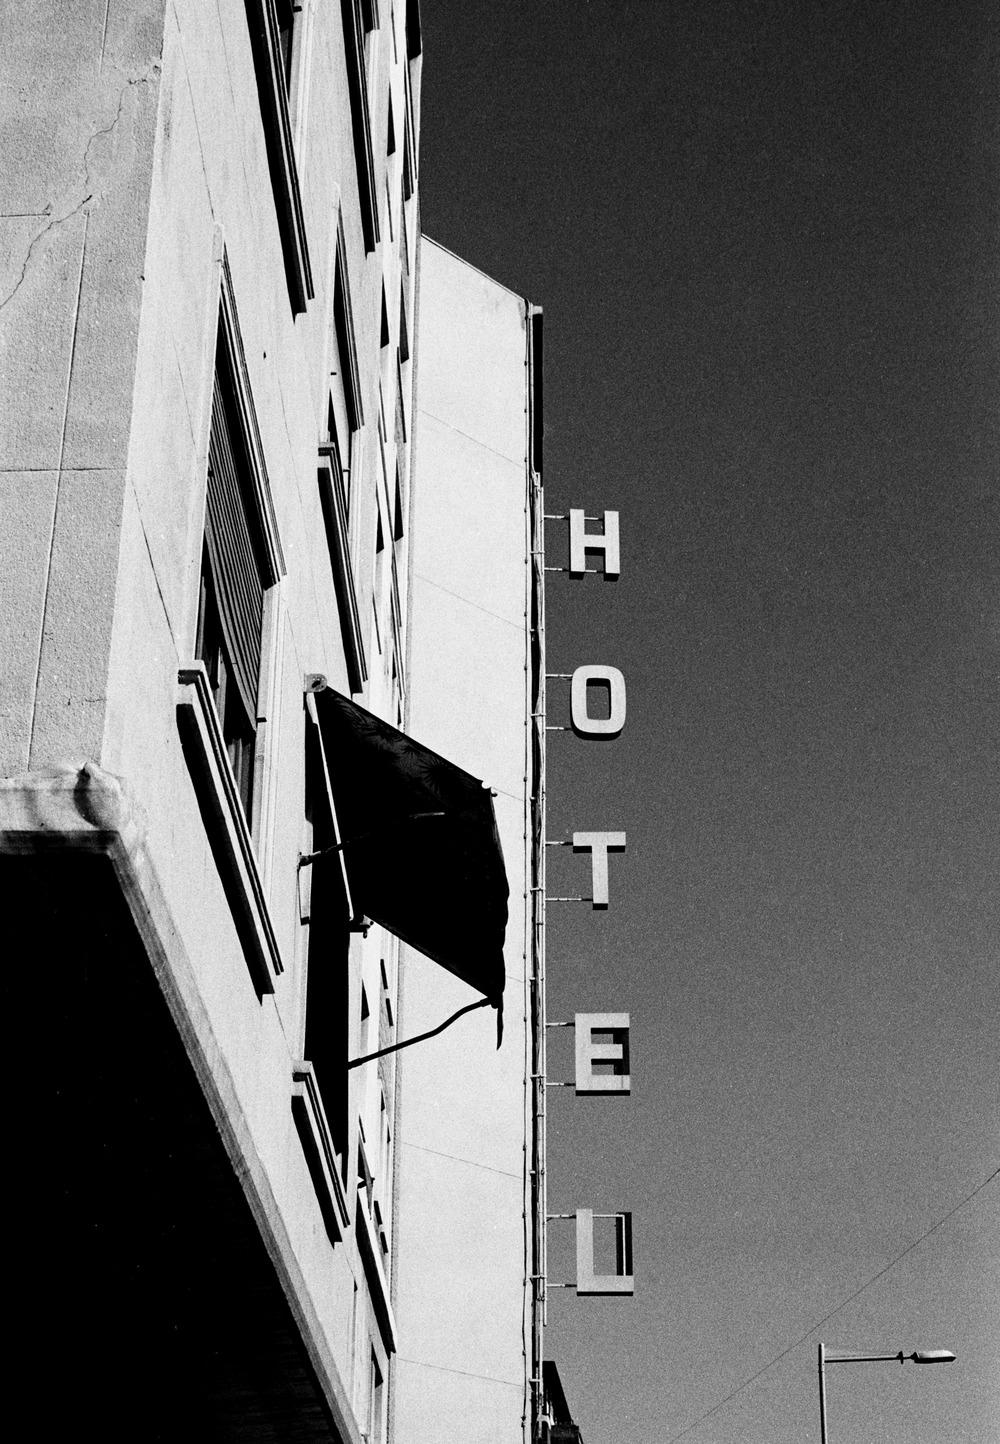 HotelSign.jpg